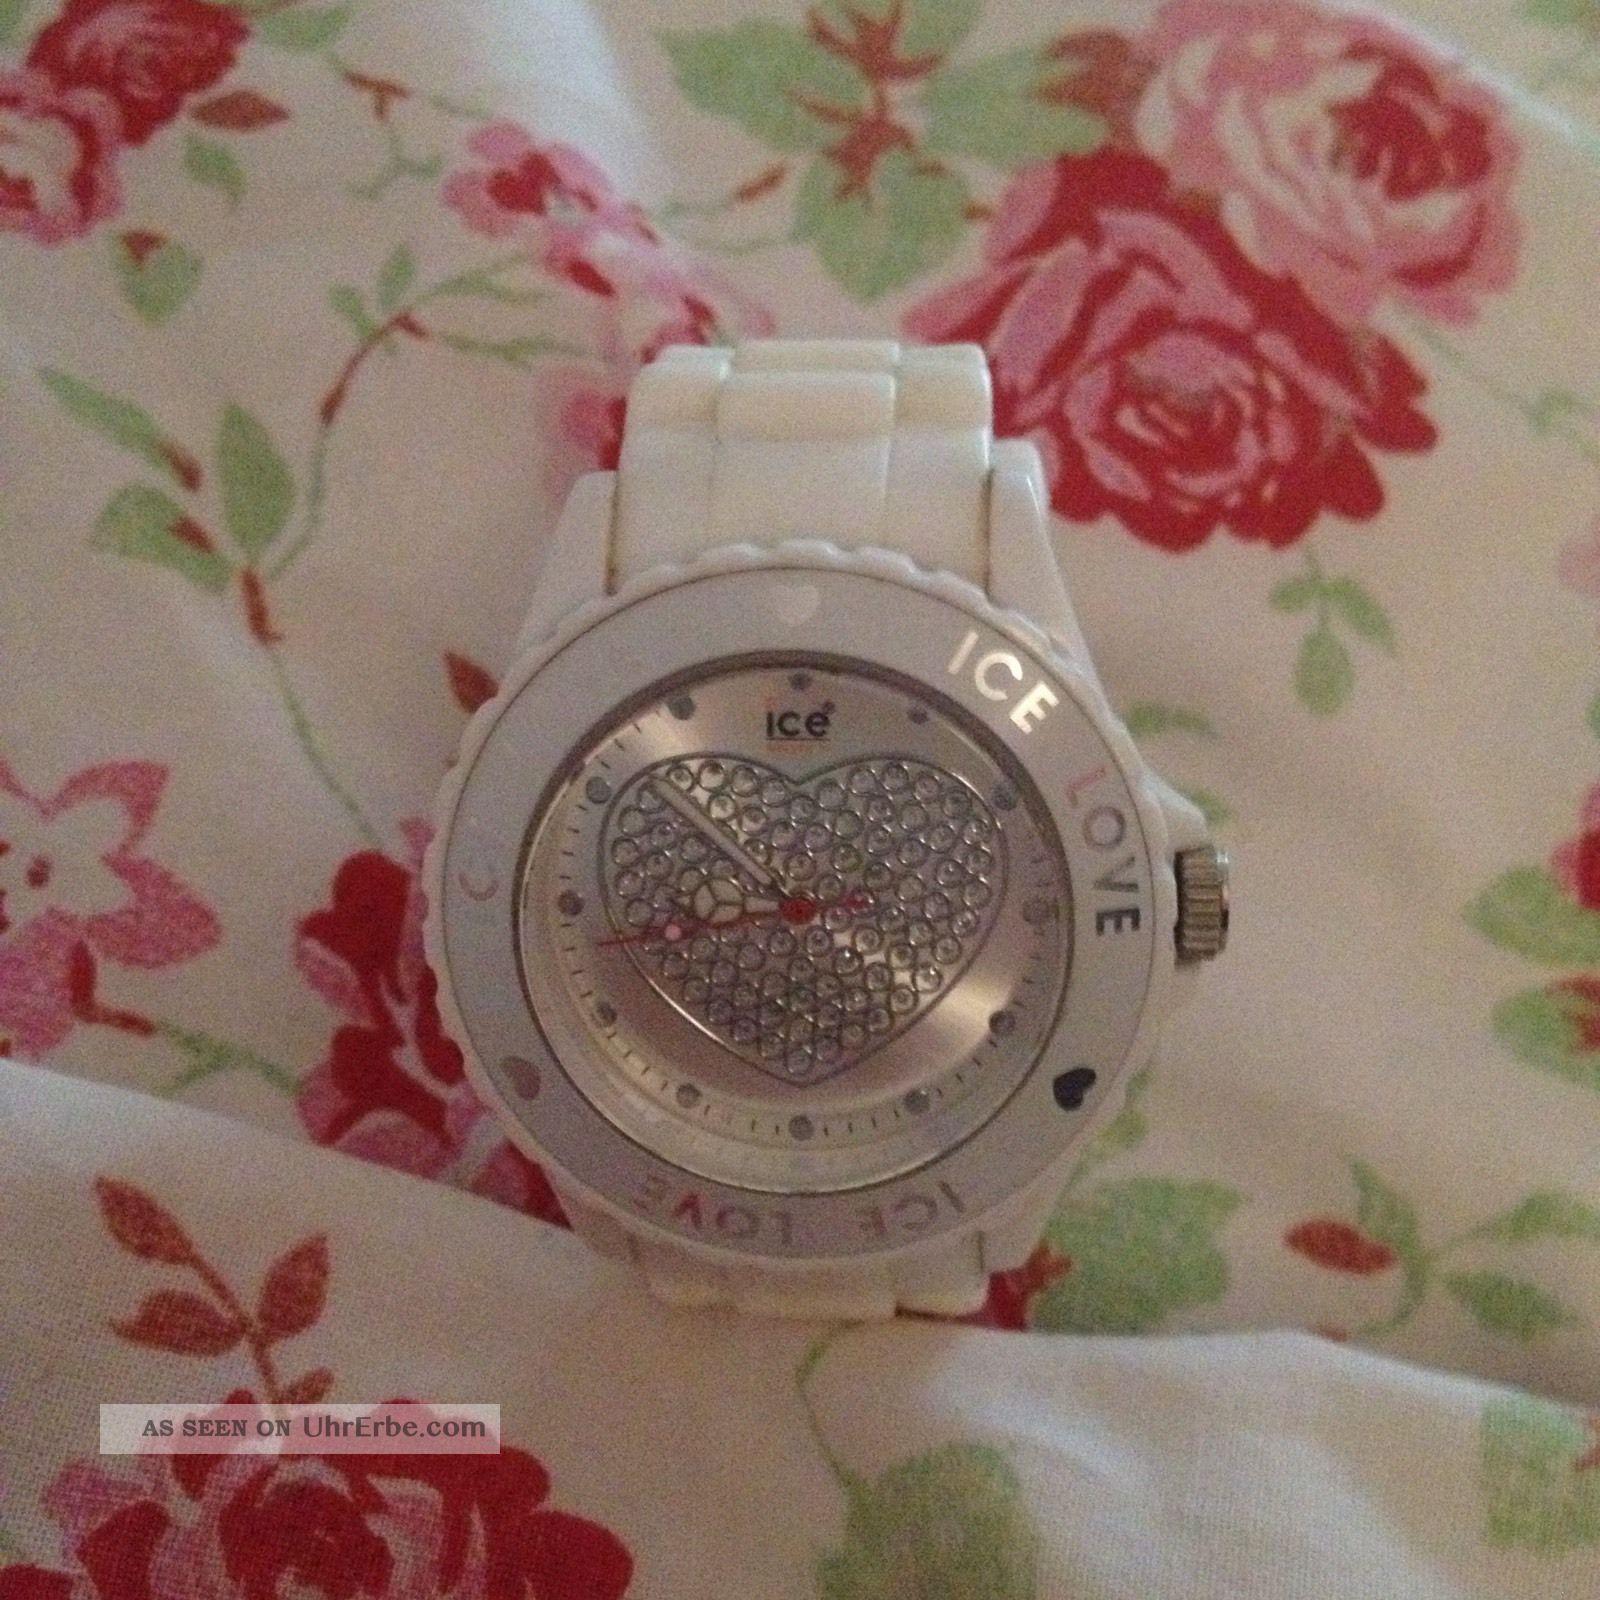 Ice Watch Uhr Love Herz Weiss Big Top Armbanduhren Bild